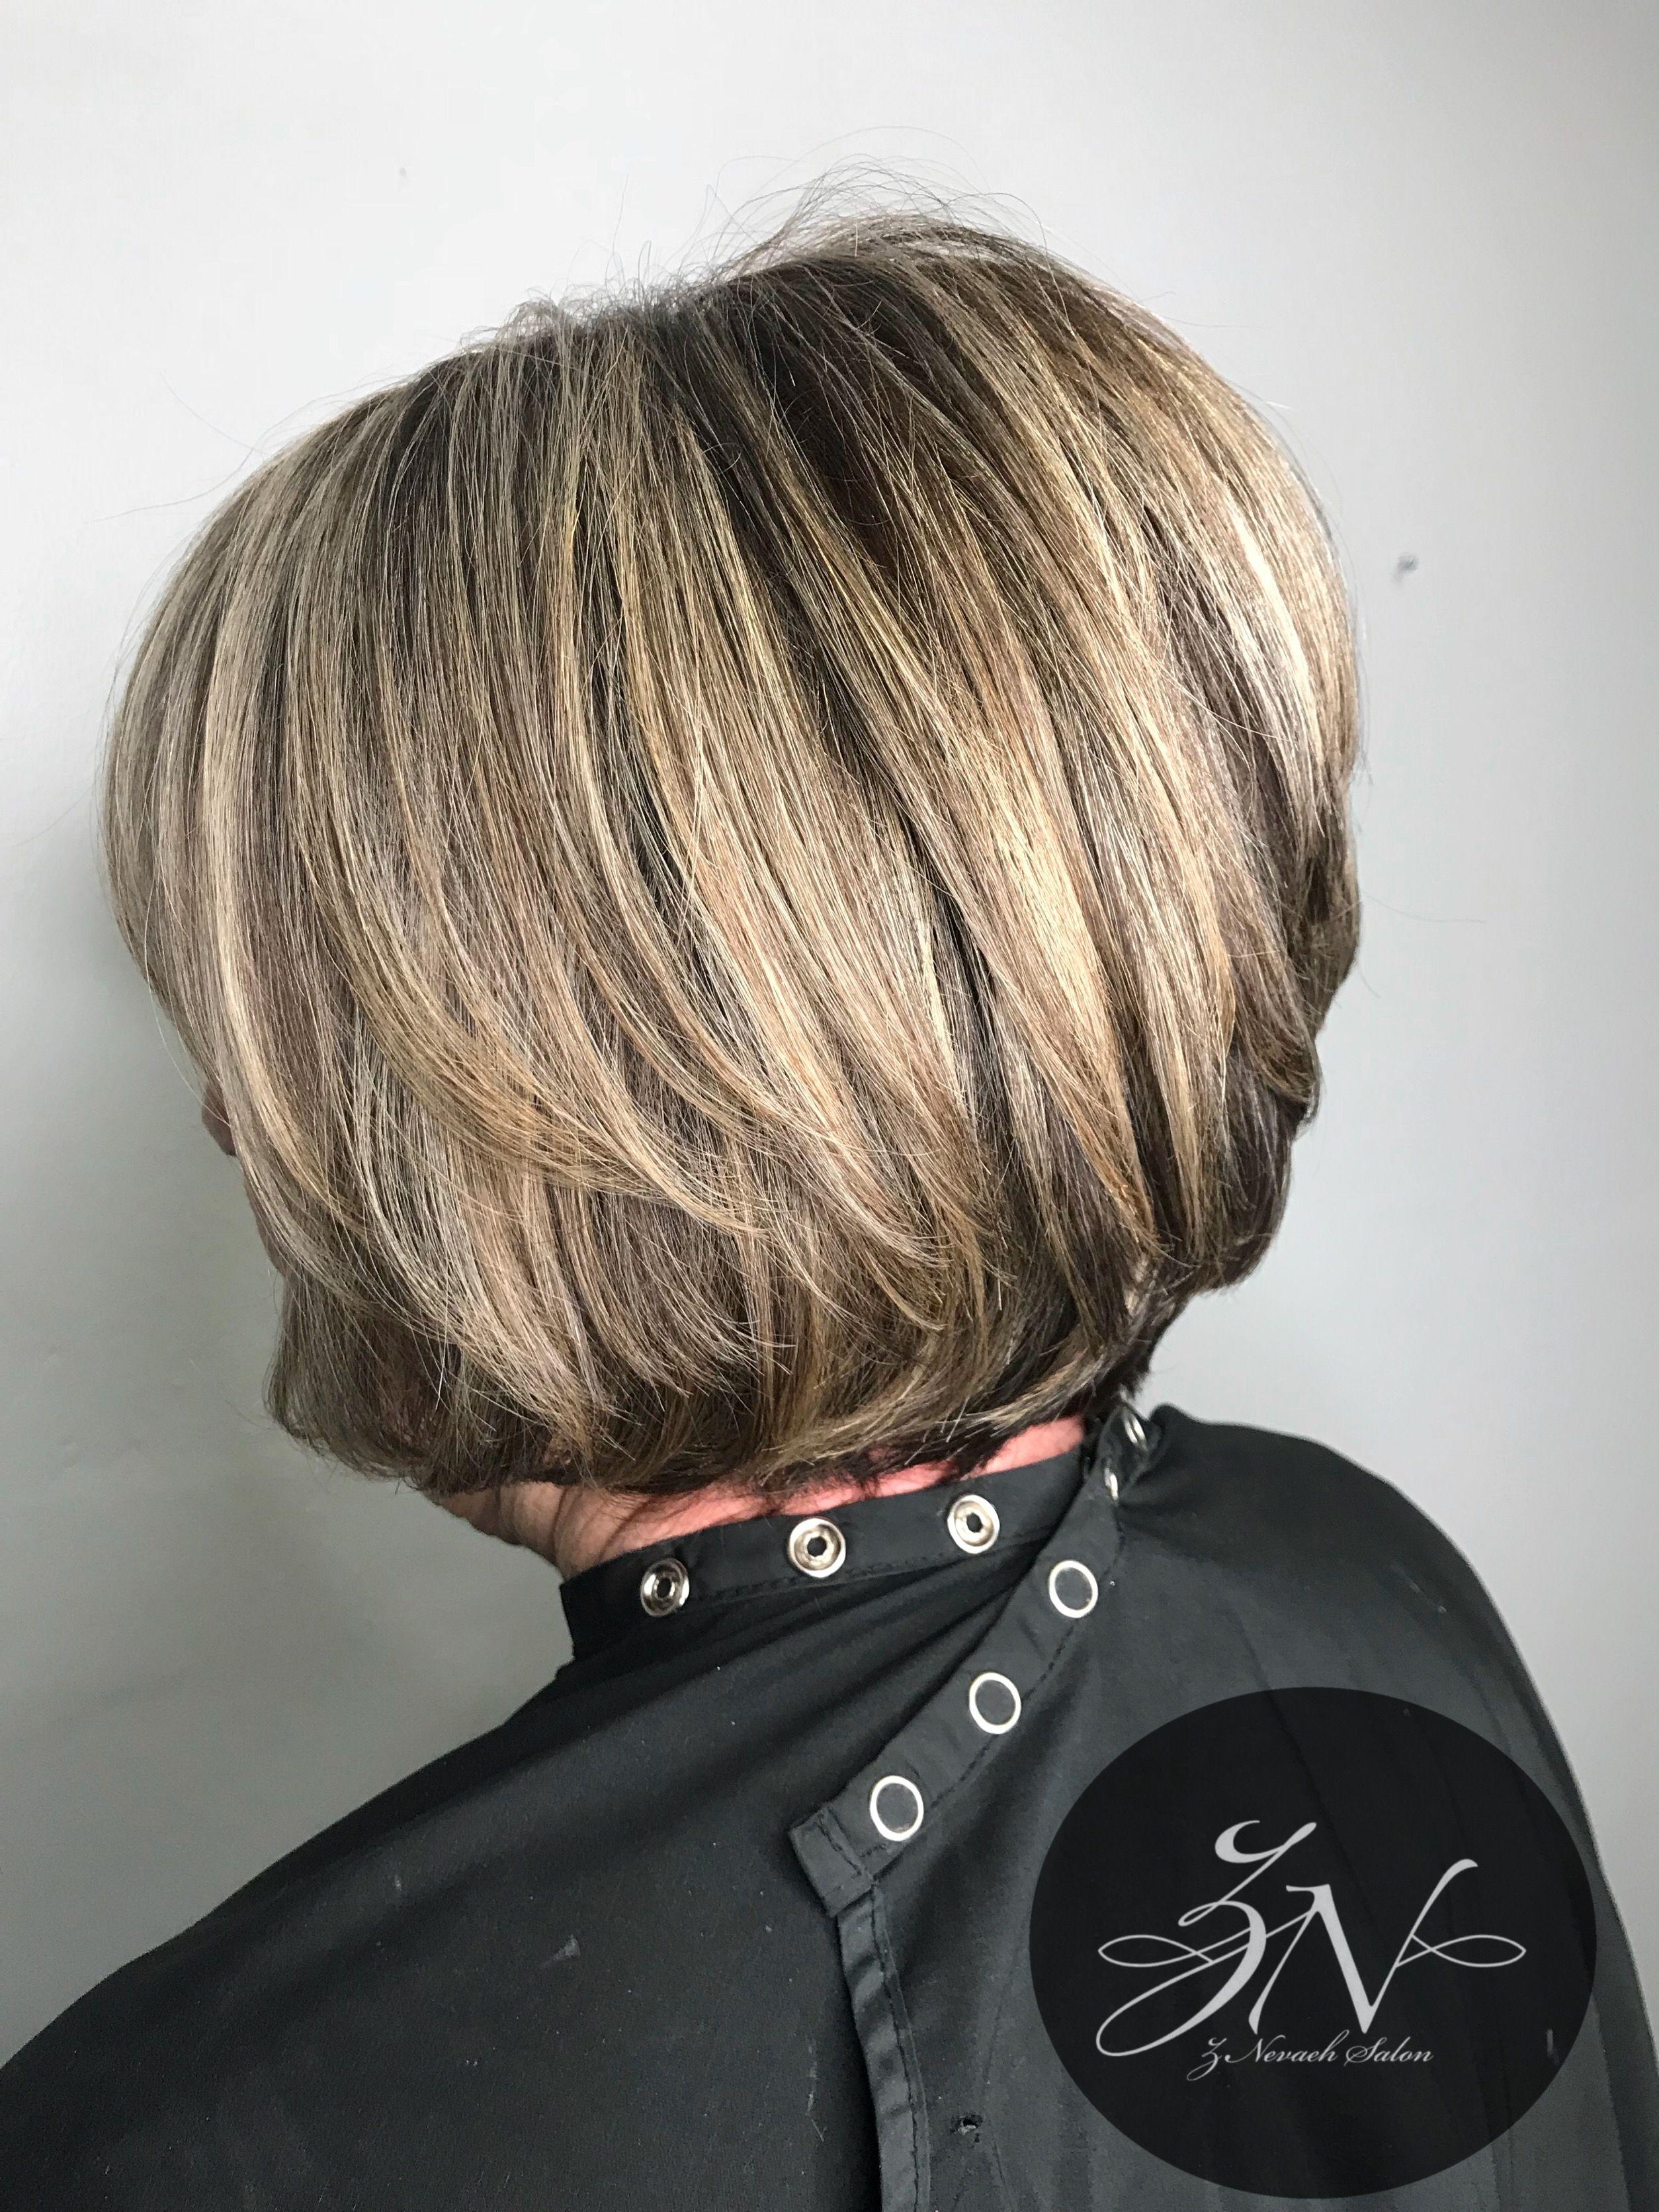 Short Haircut Znevaehsalon Salon Knoxvilletn Znevaehsalon